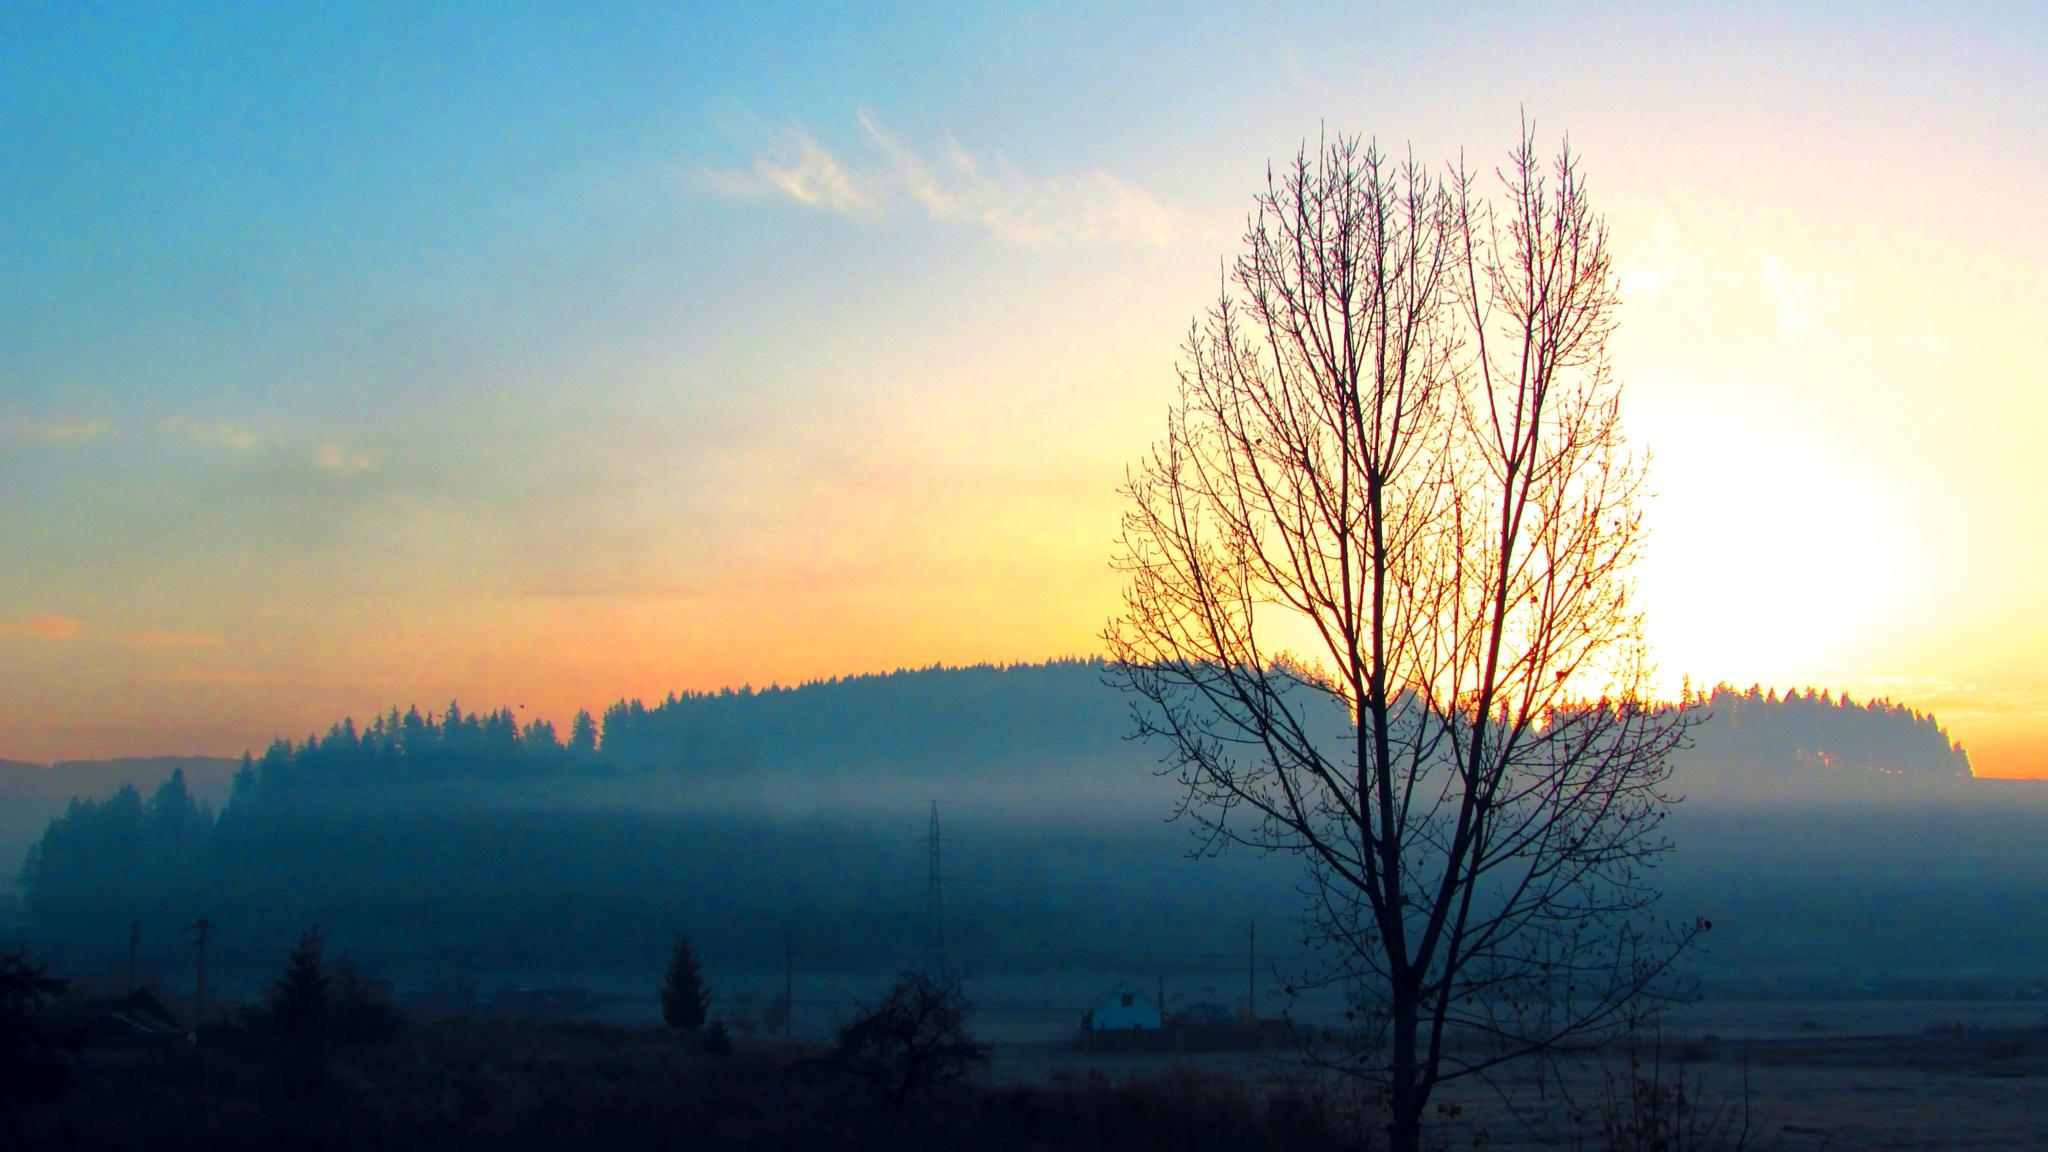 mist by dundacska